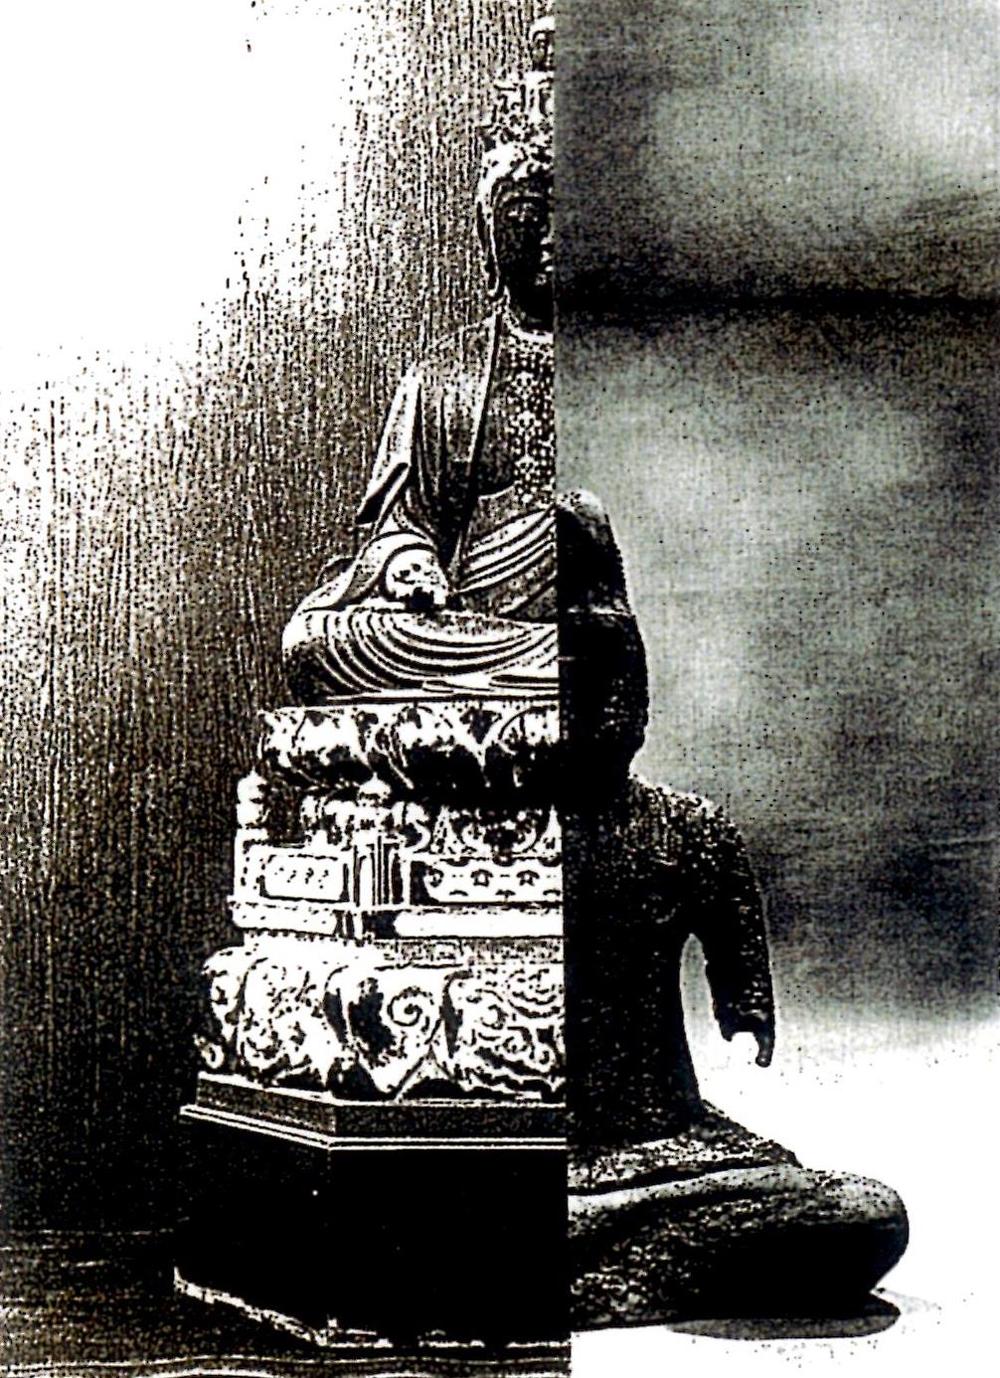 秘仏が鞘仏の内部に納められている様子